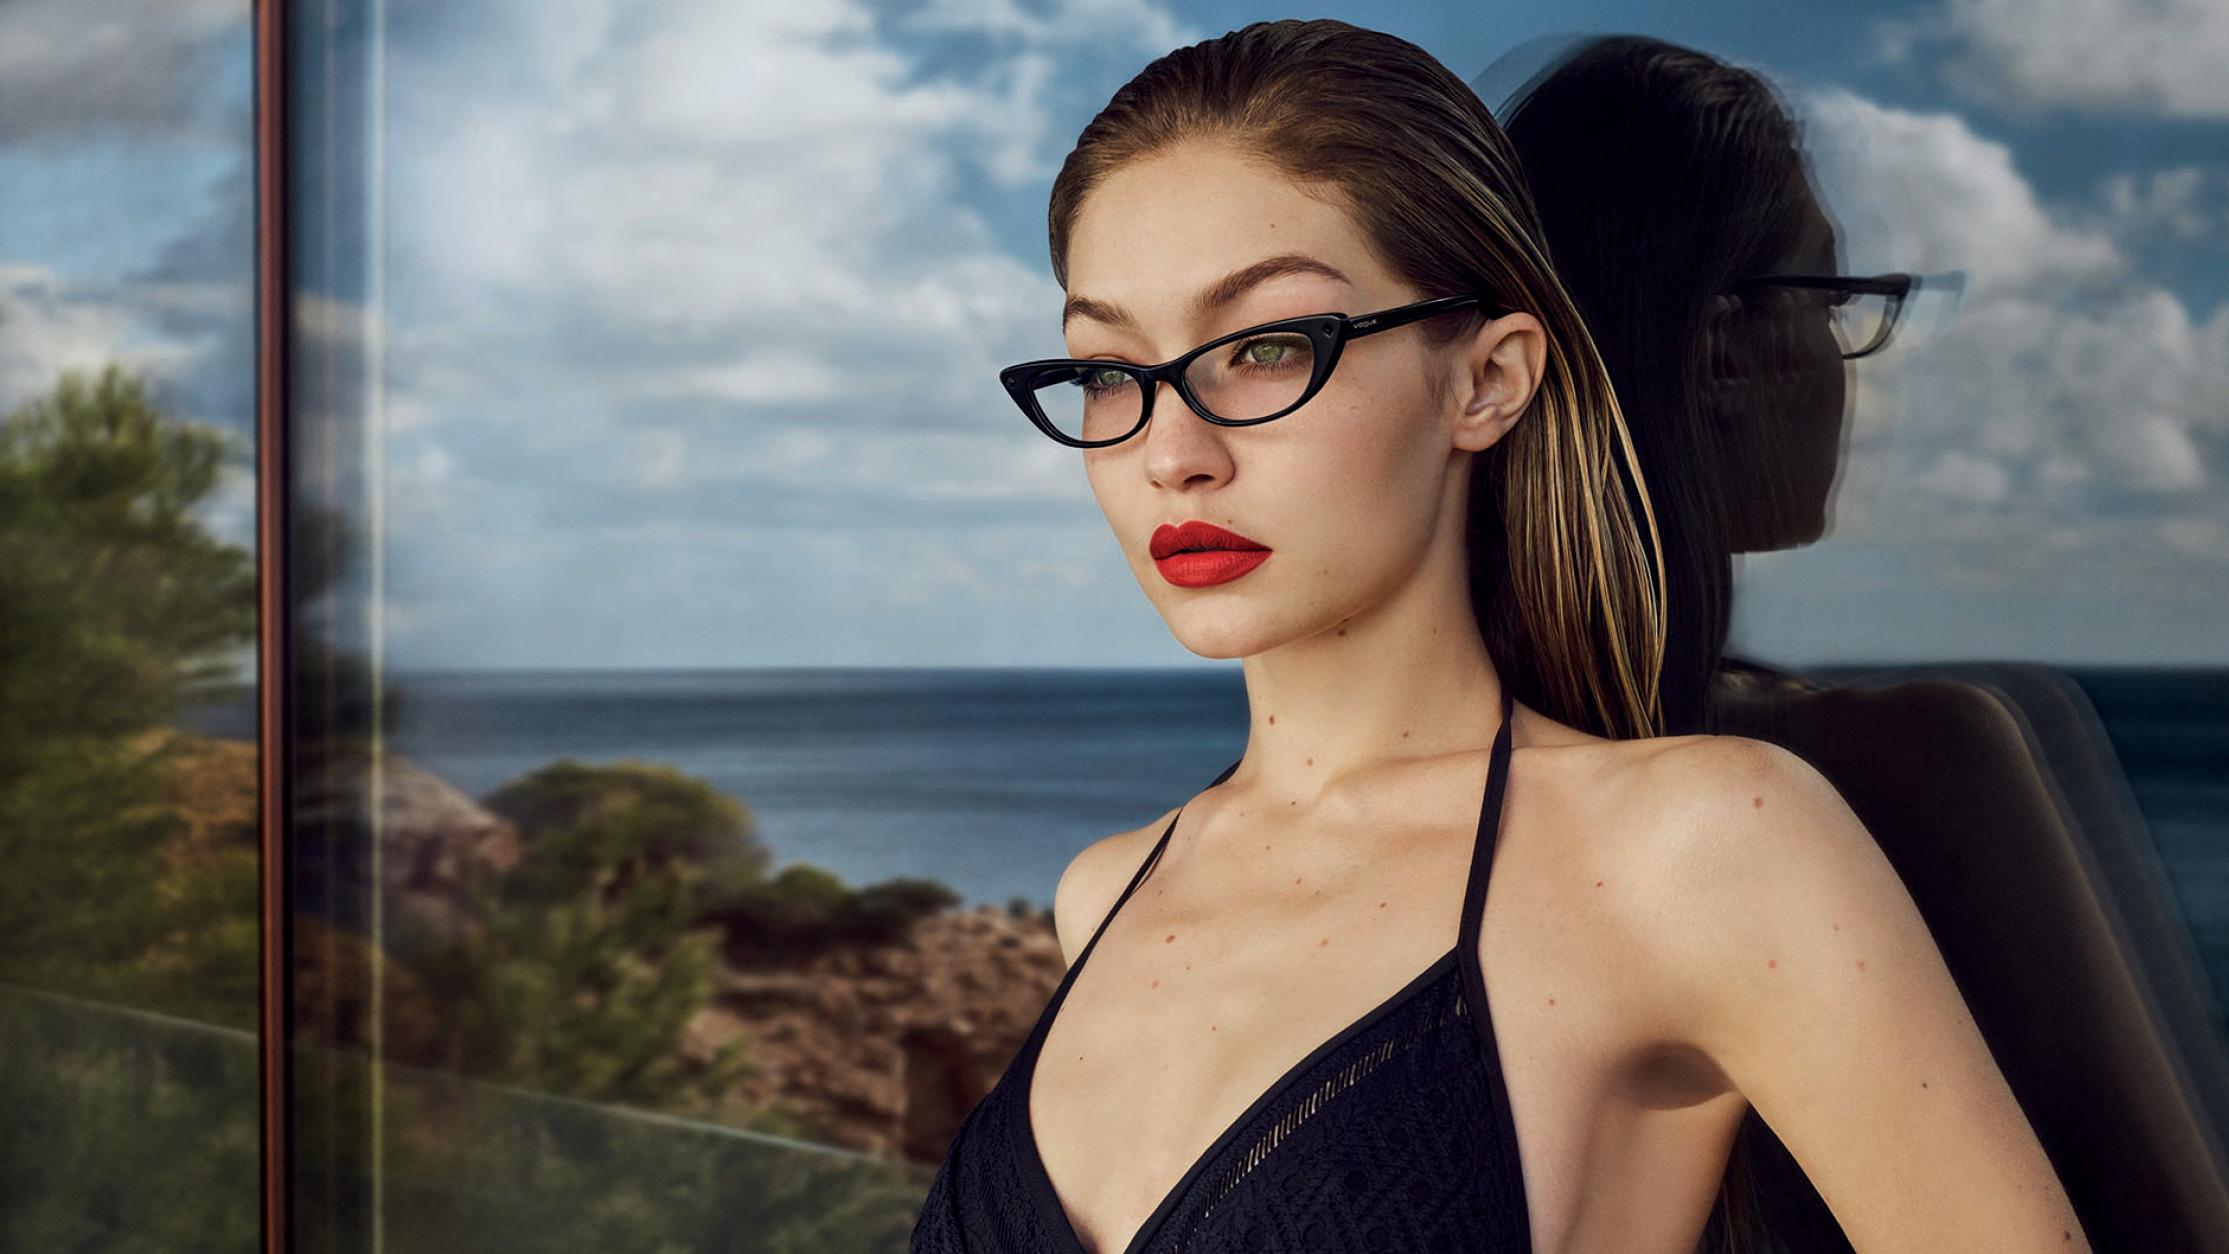 Gigi Hadid Vogue Eyewear 2018 Photoshoot, HD Celebrities